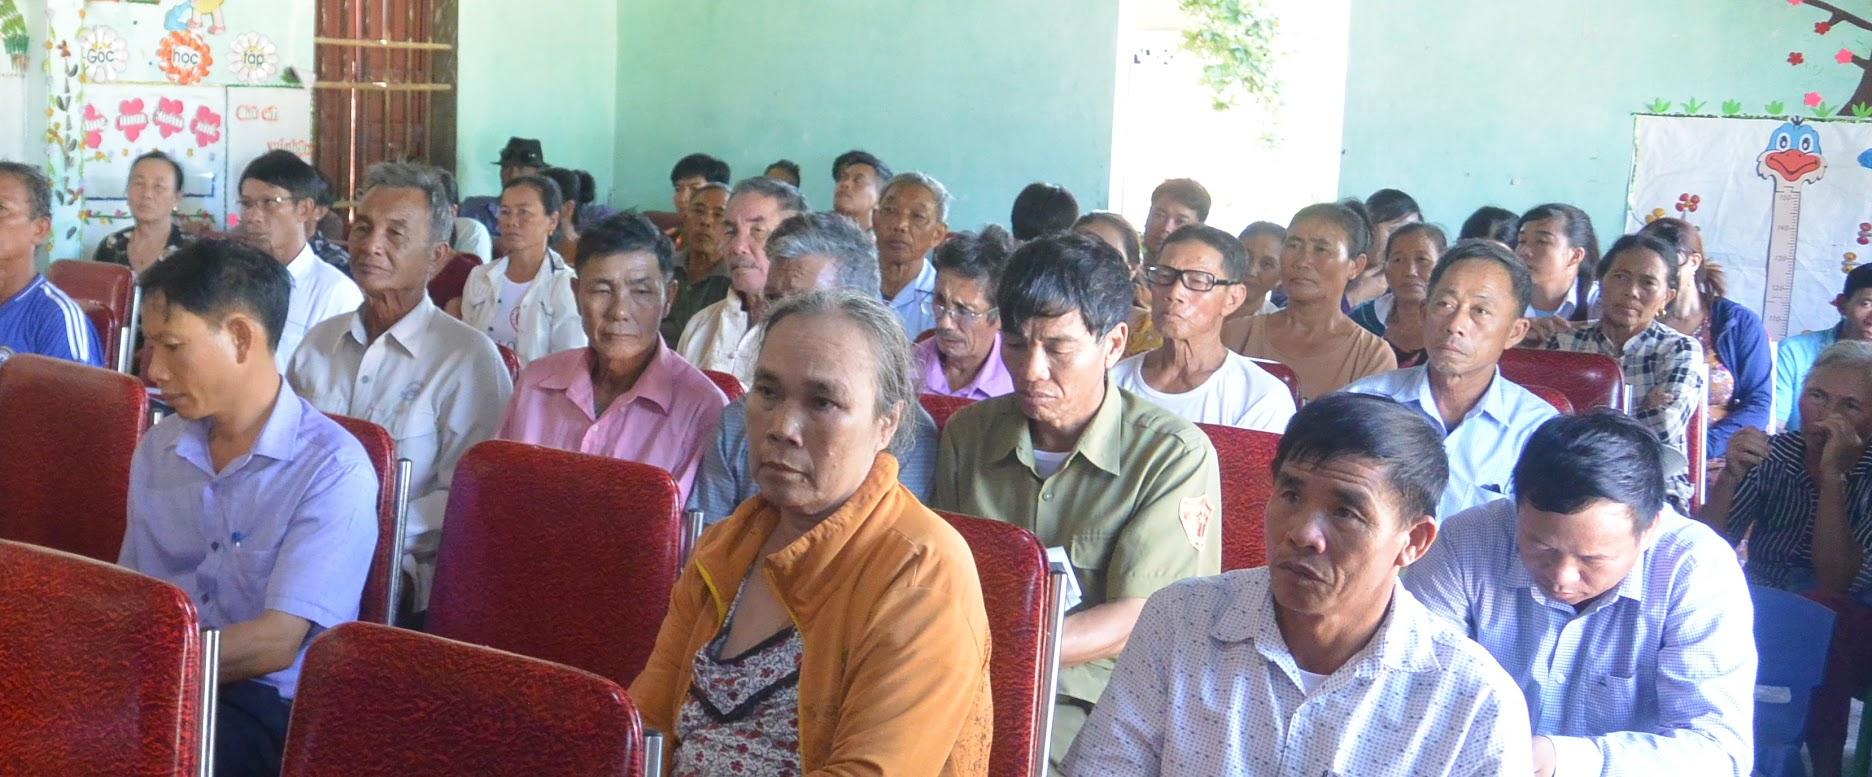 Người dân xã Quỳnh Lập tham gia diễn đàn